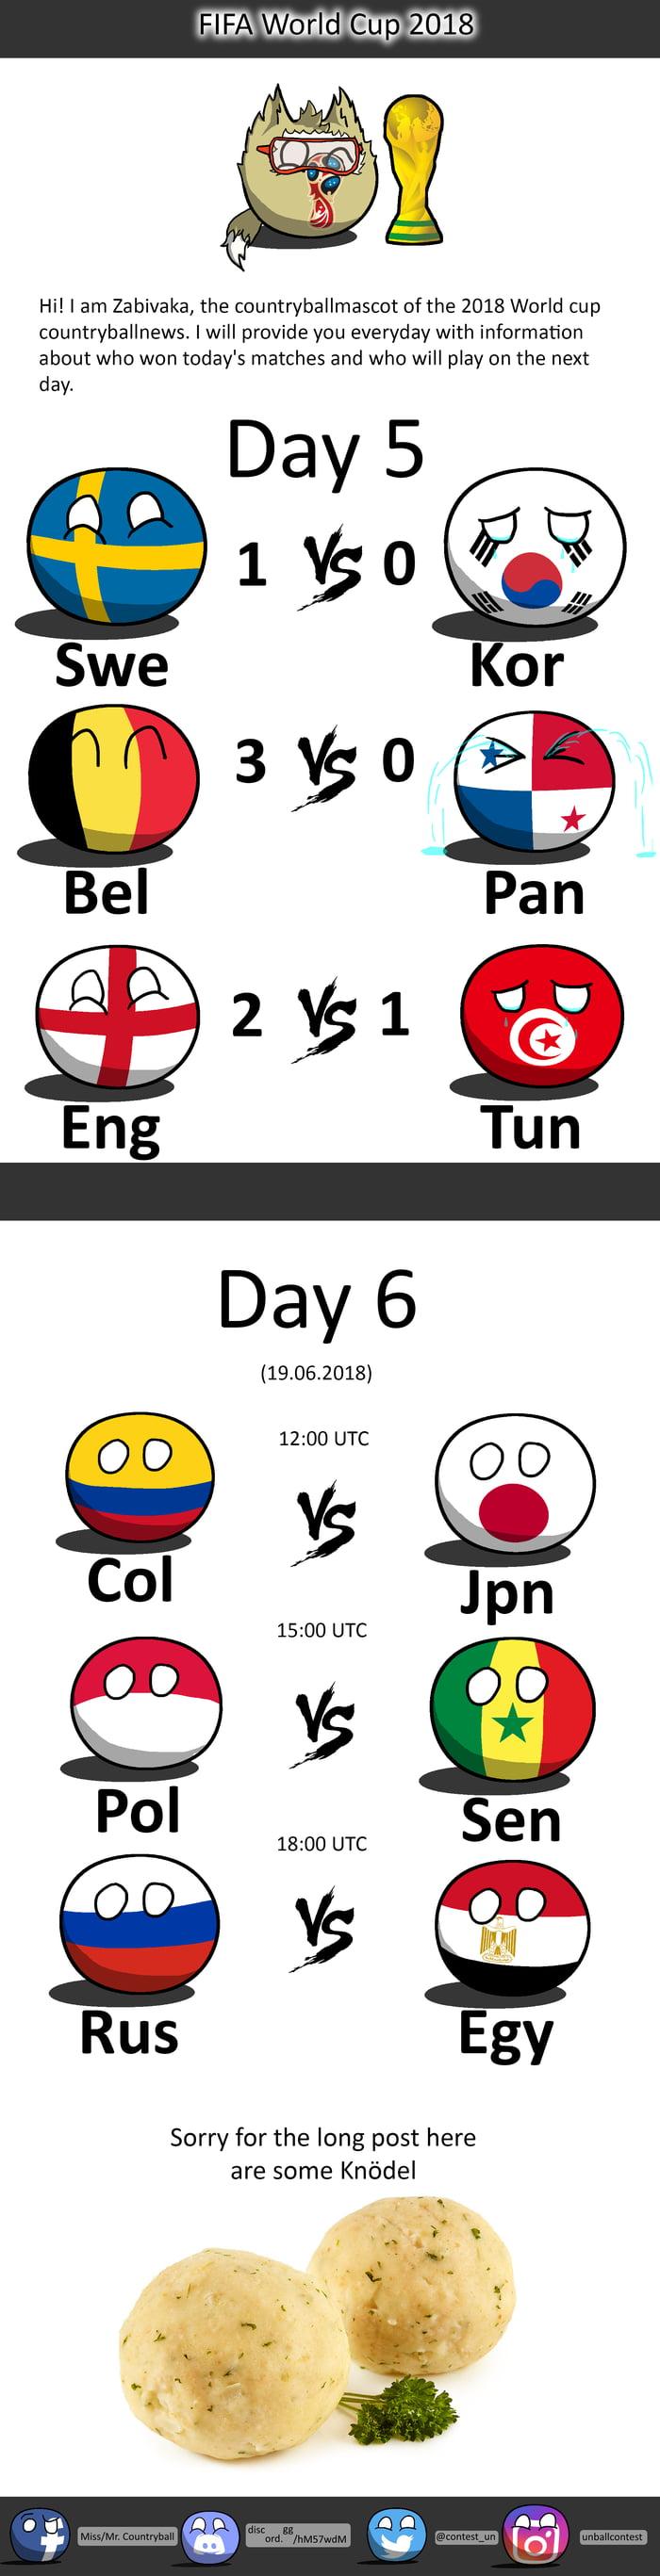 Countryballnews - world cup day 5